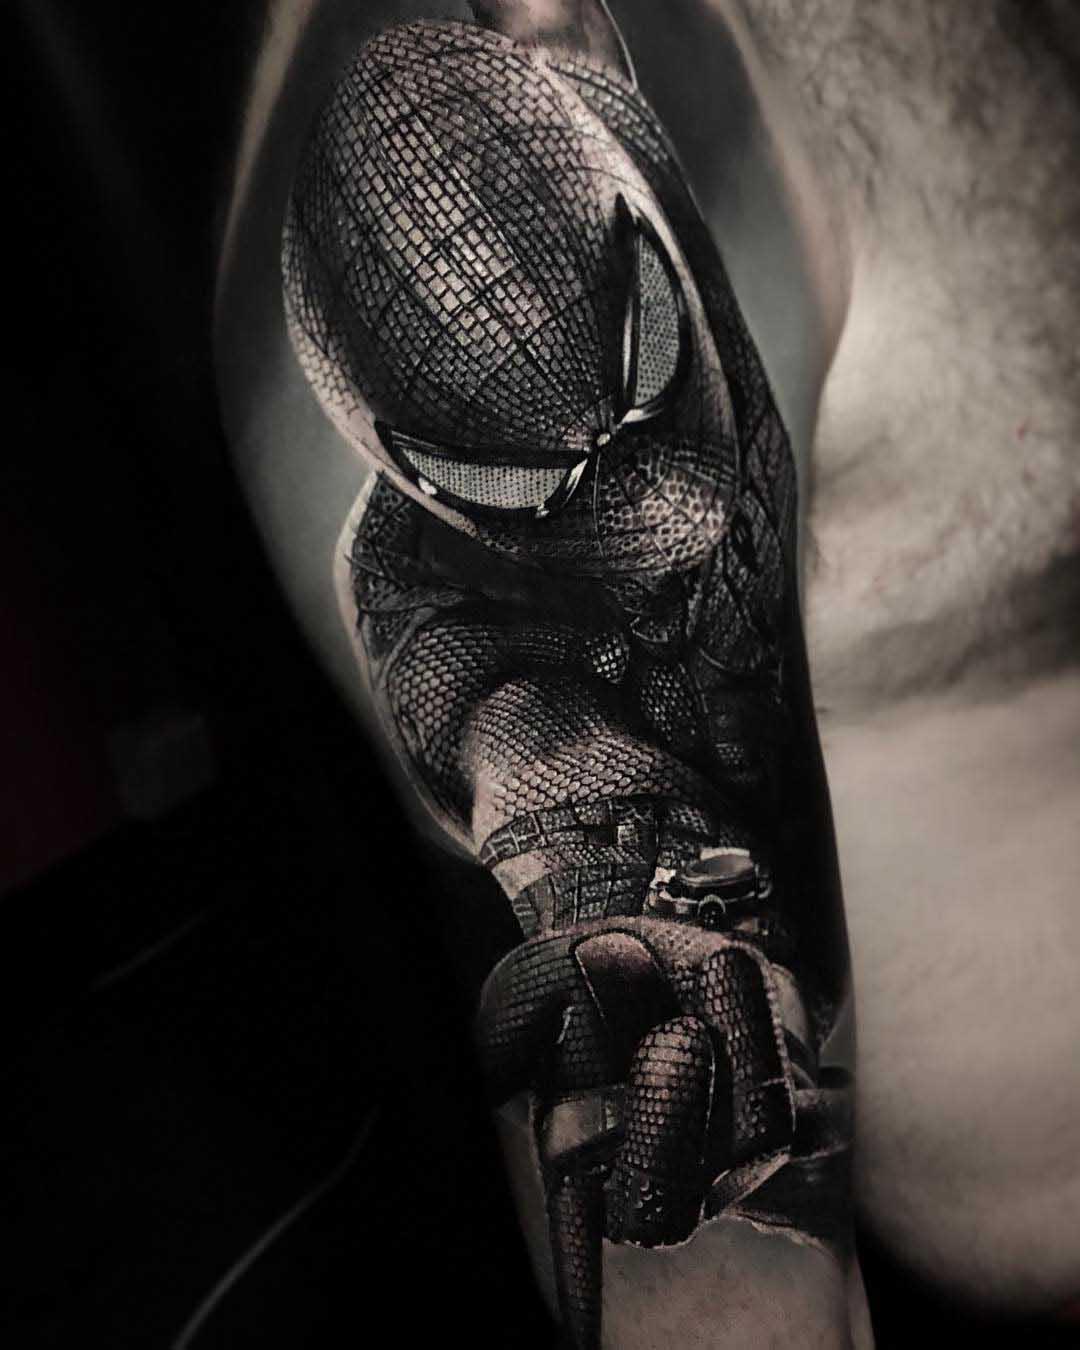 realistic spiderman tattoo